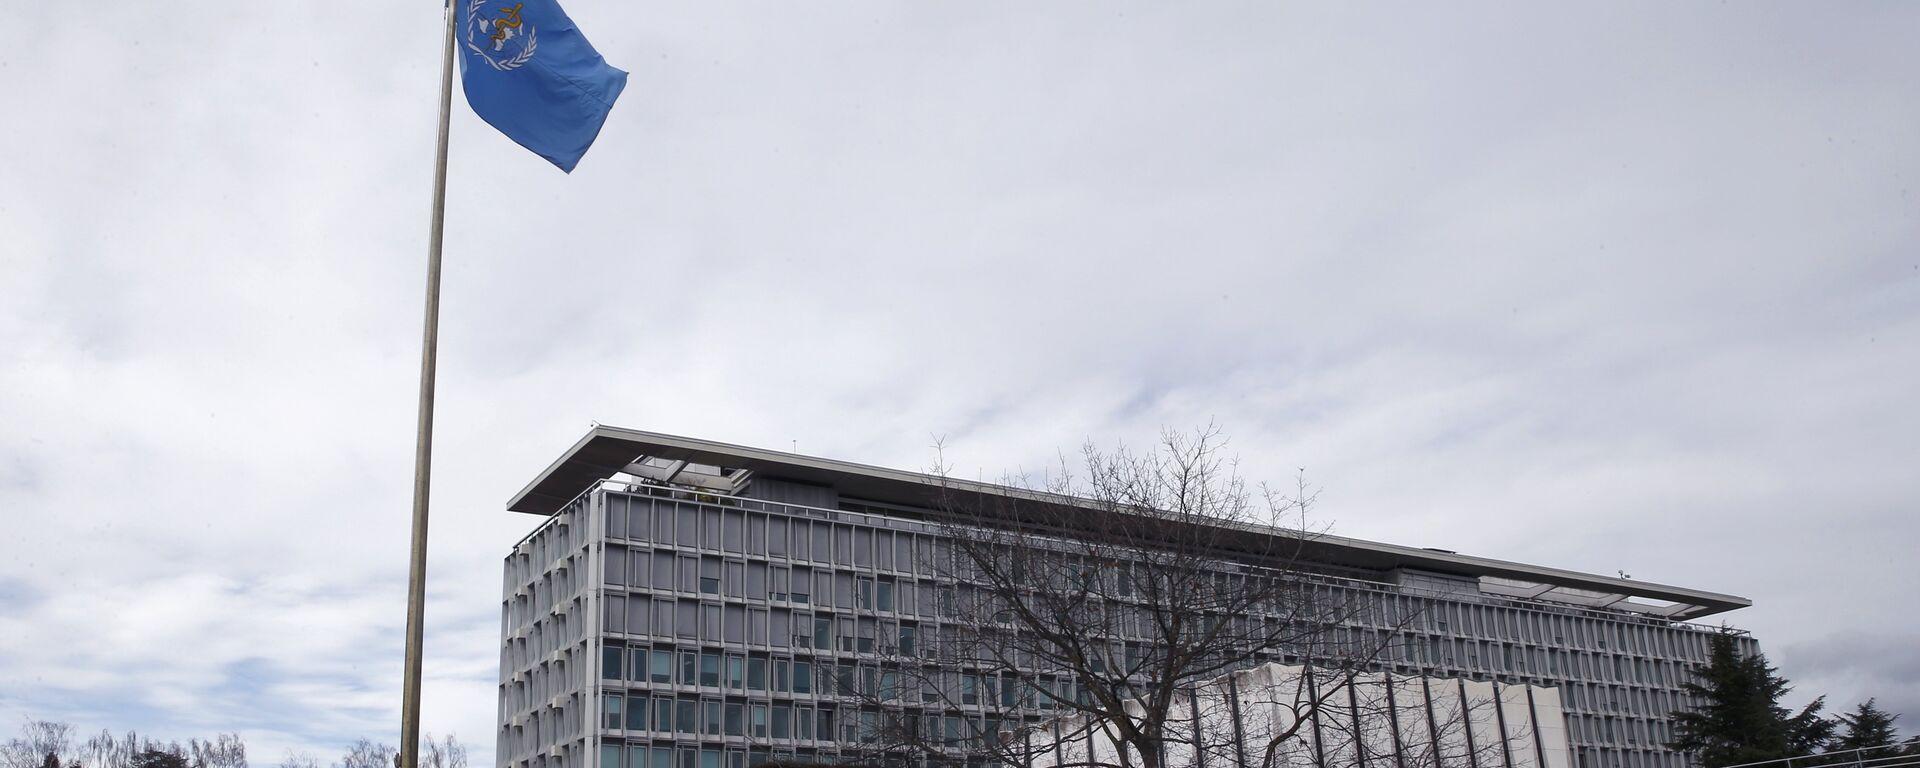 Sídlo Světové zdravotnické organizace (WHO) v Ženevě, Švýcarsko - Sputnik Česká republika, 1920, 13.07.2021